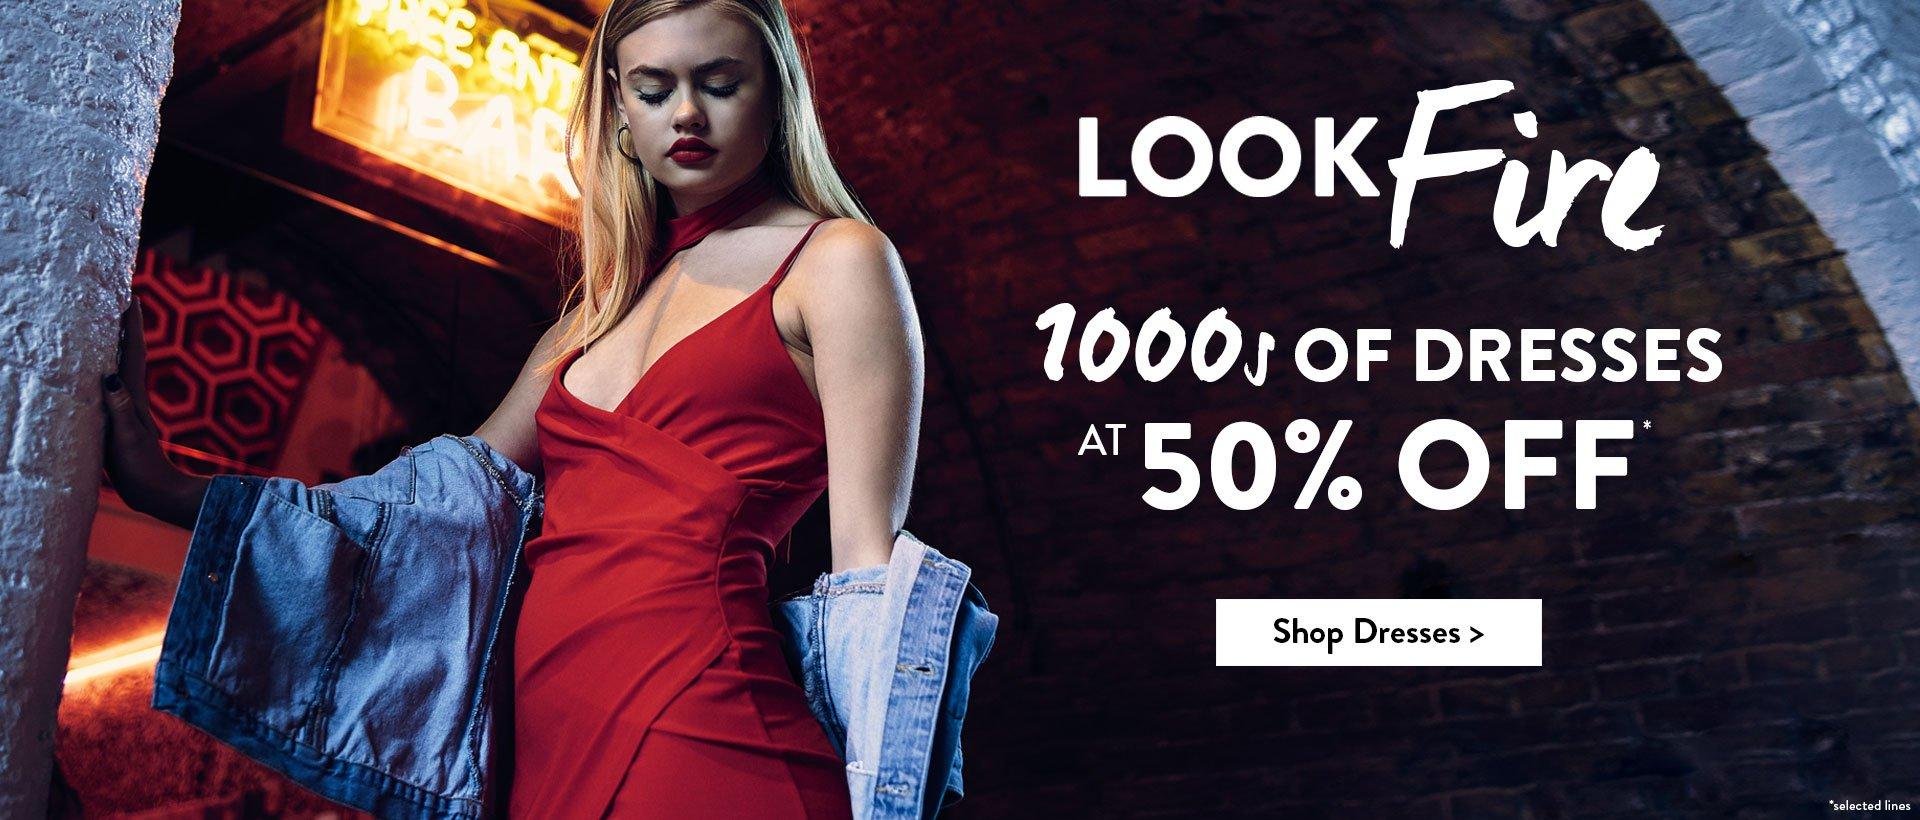 Boohoo: 50% off 1000s of dresses